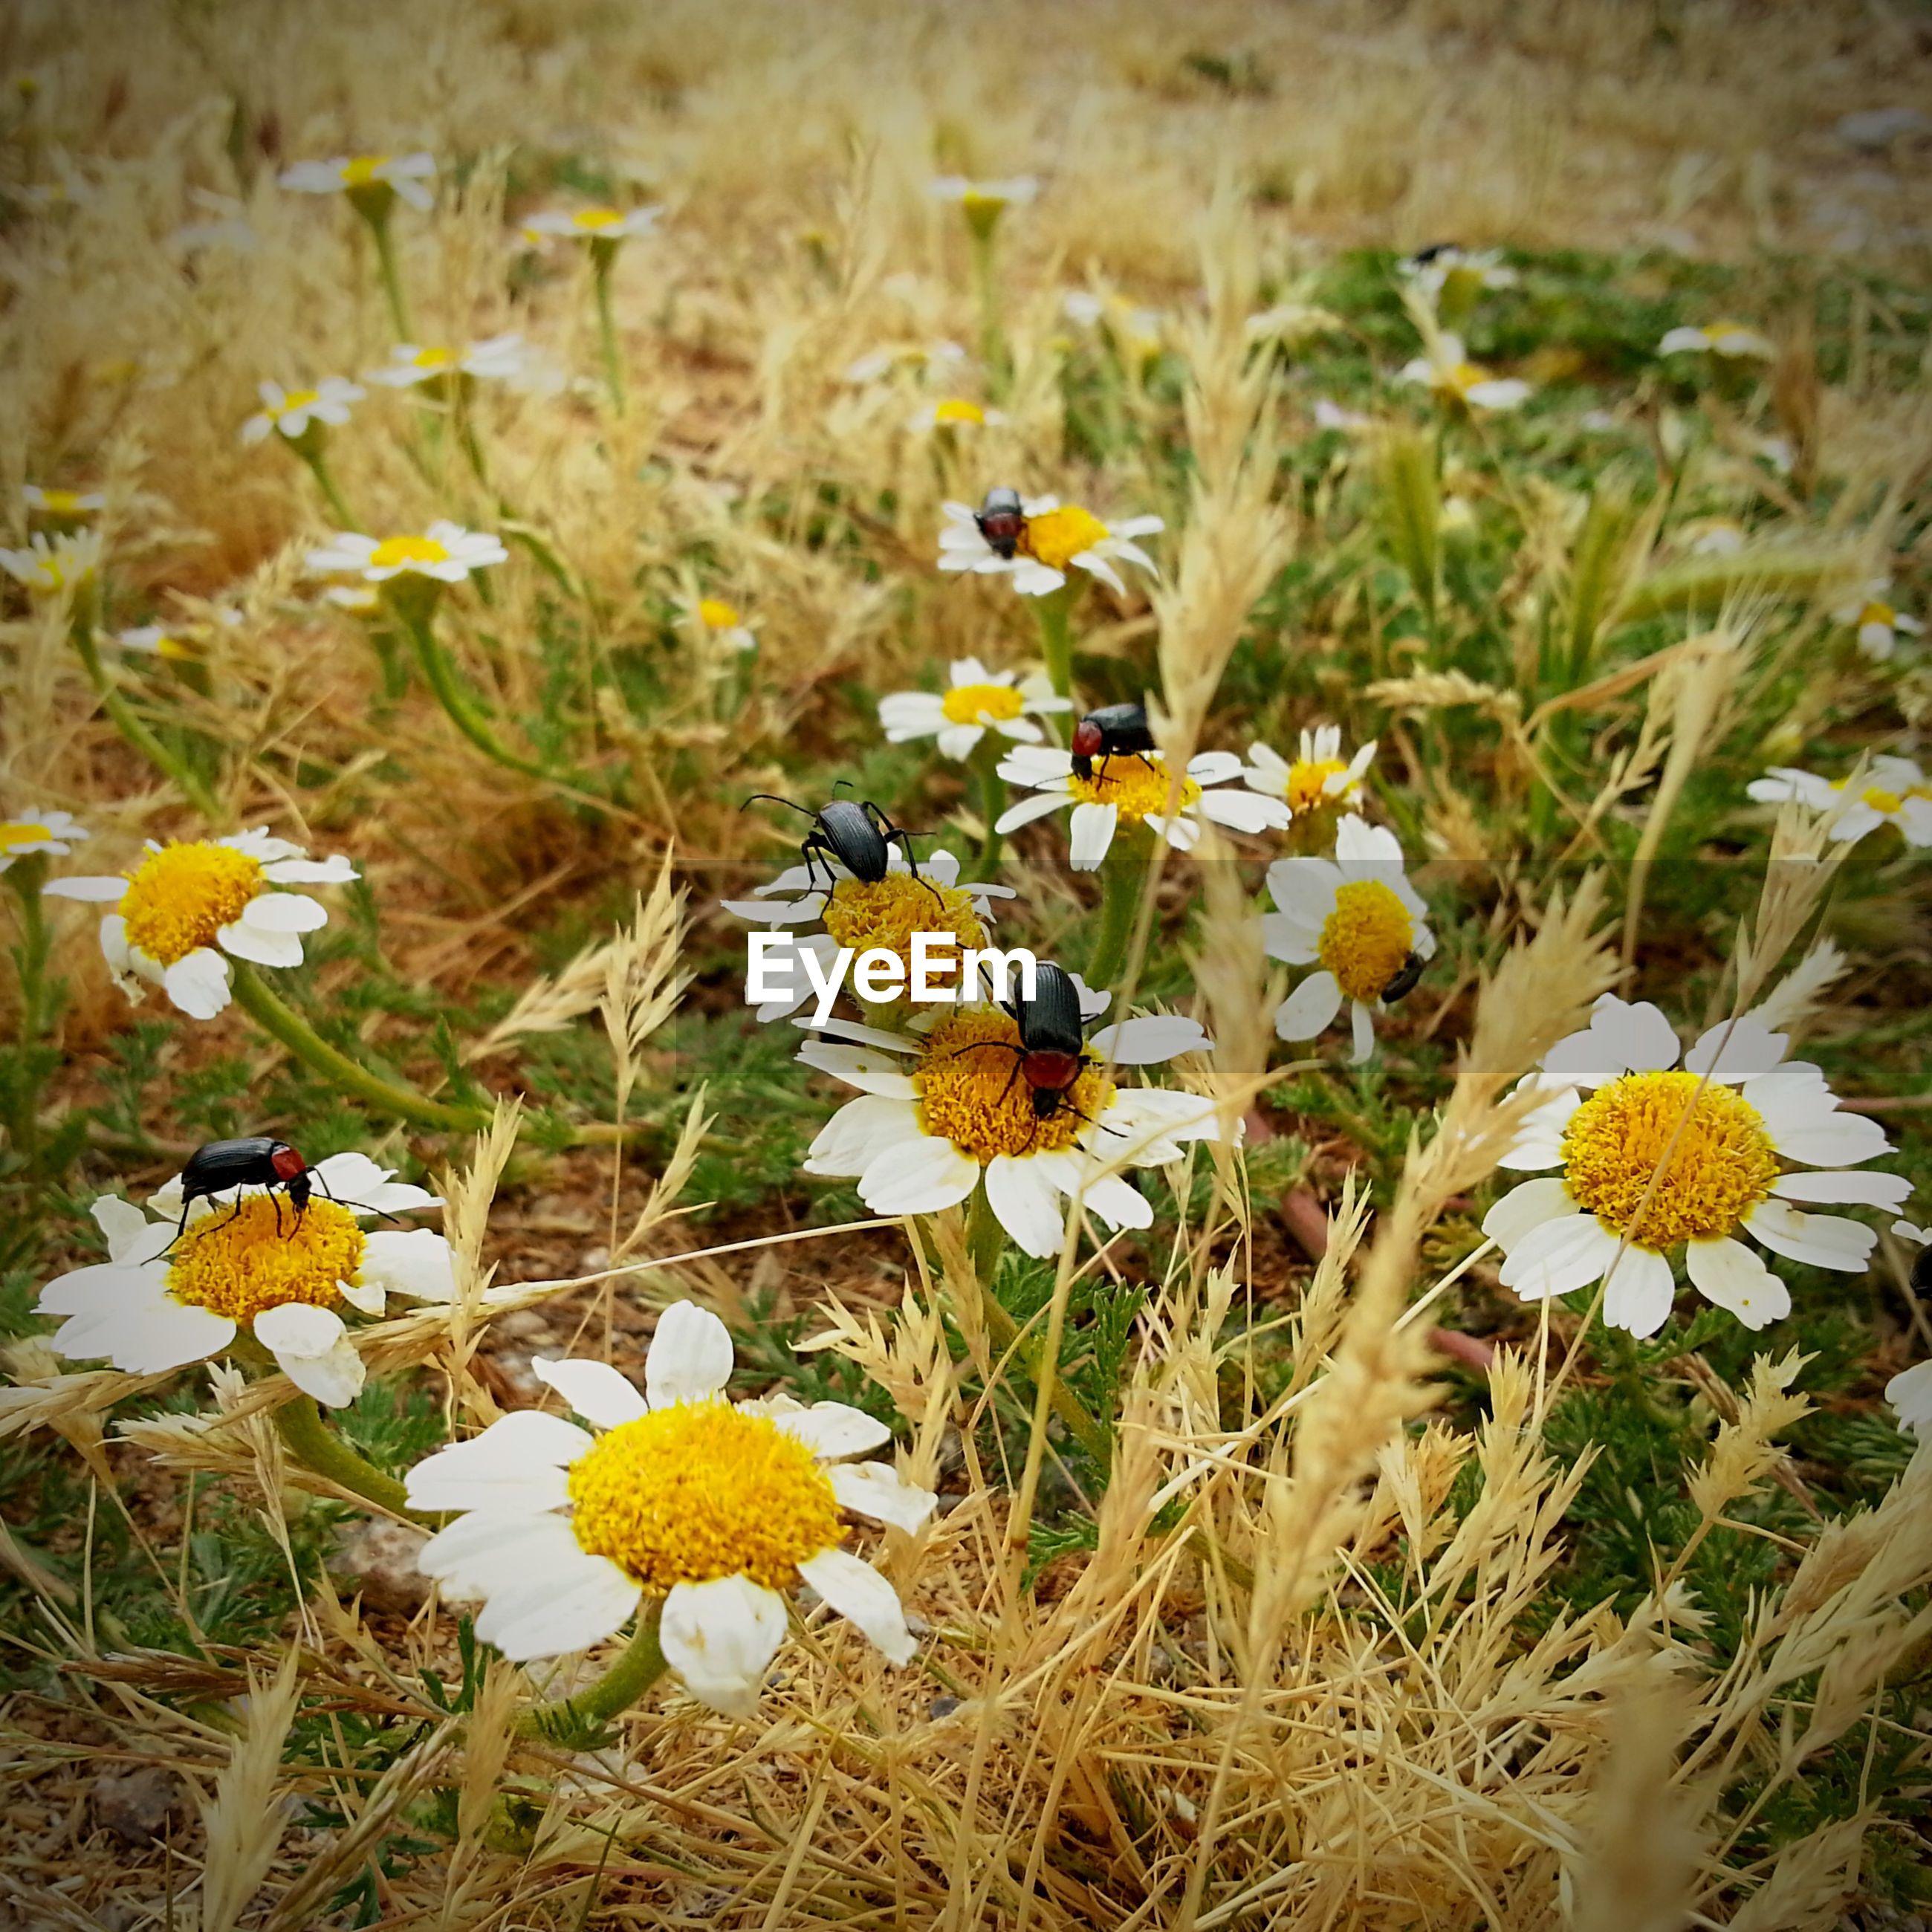 Beetles on flower blooming at field